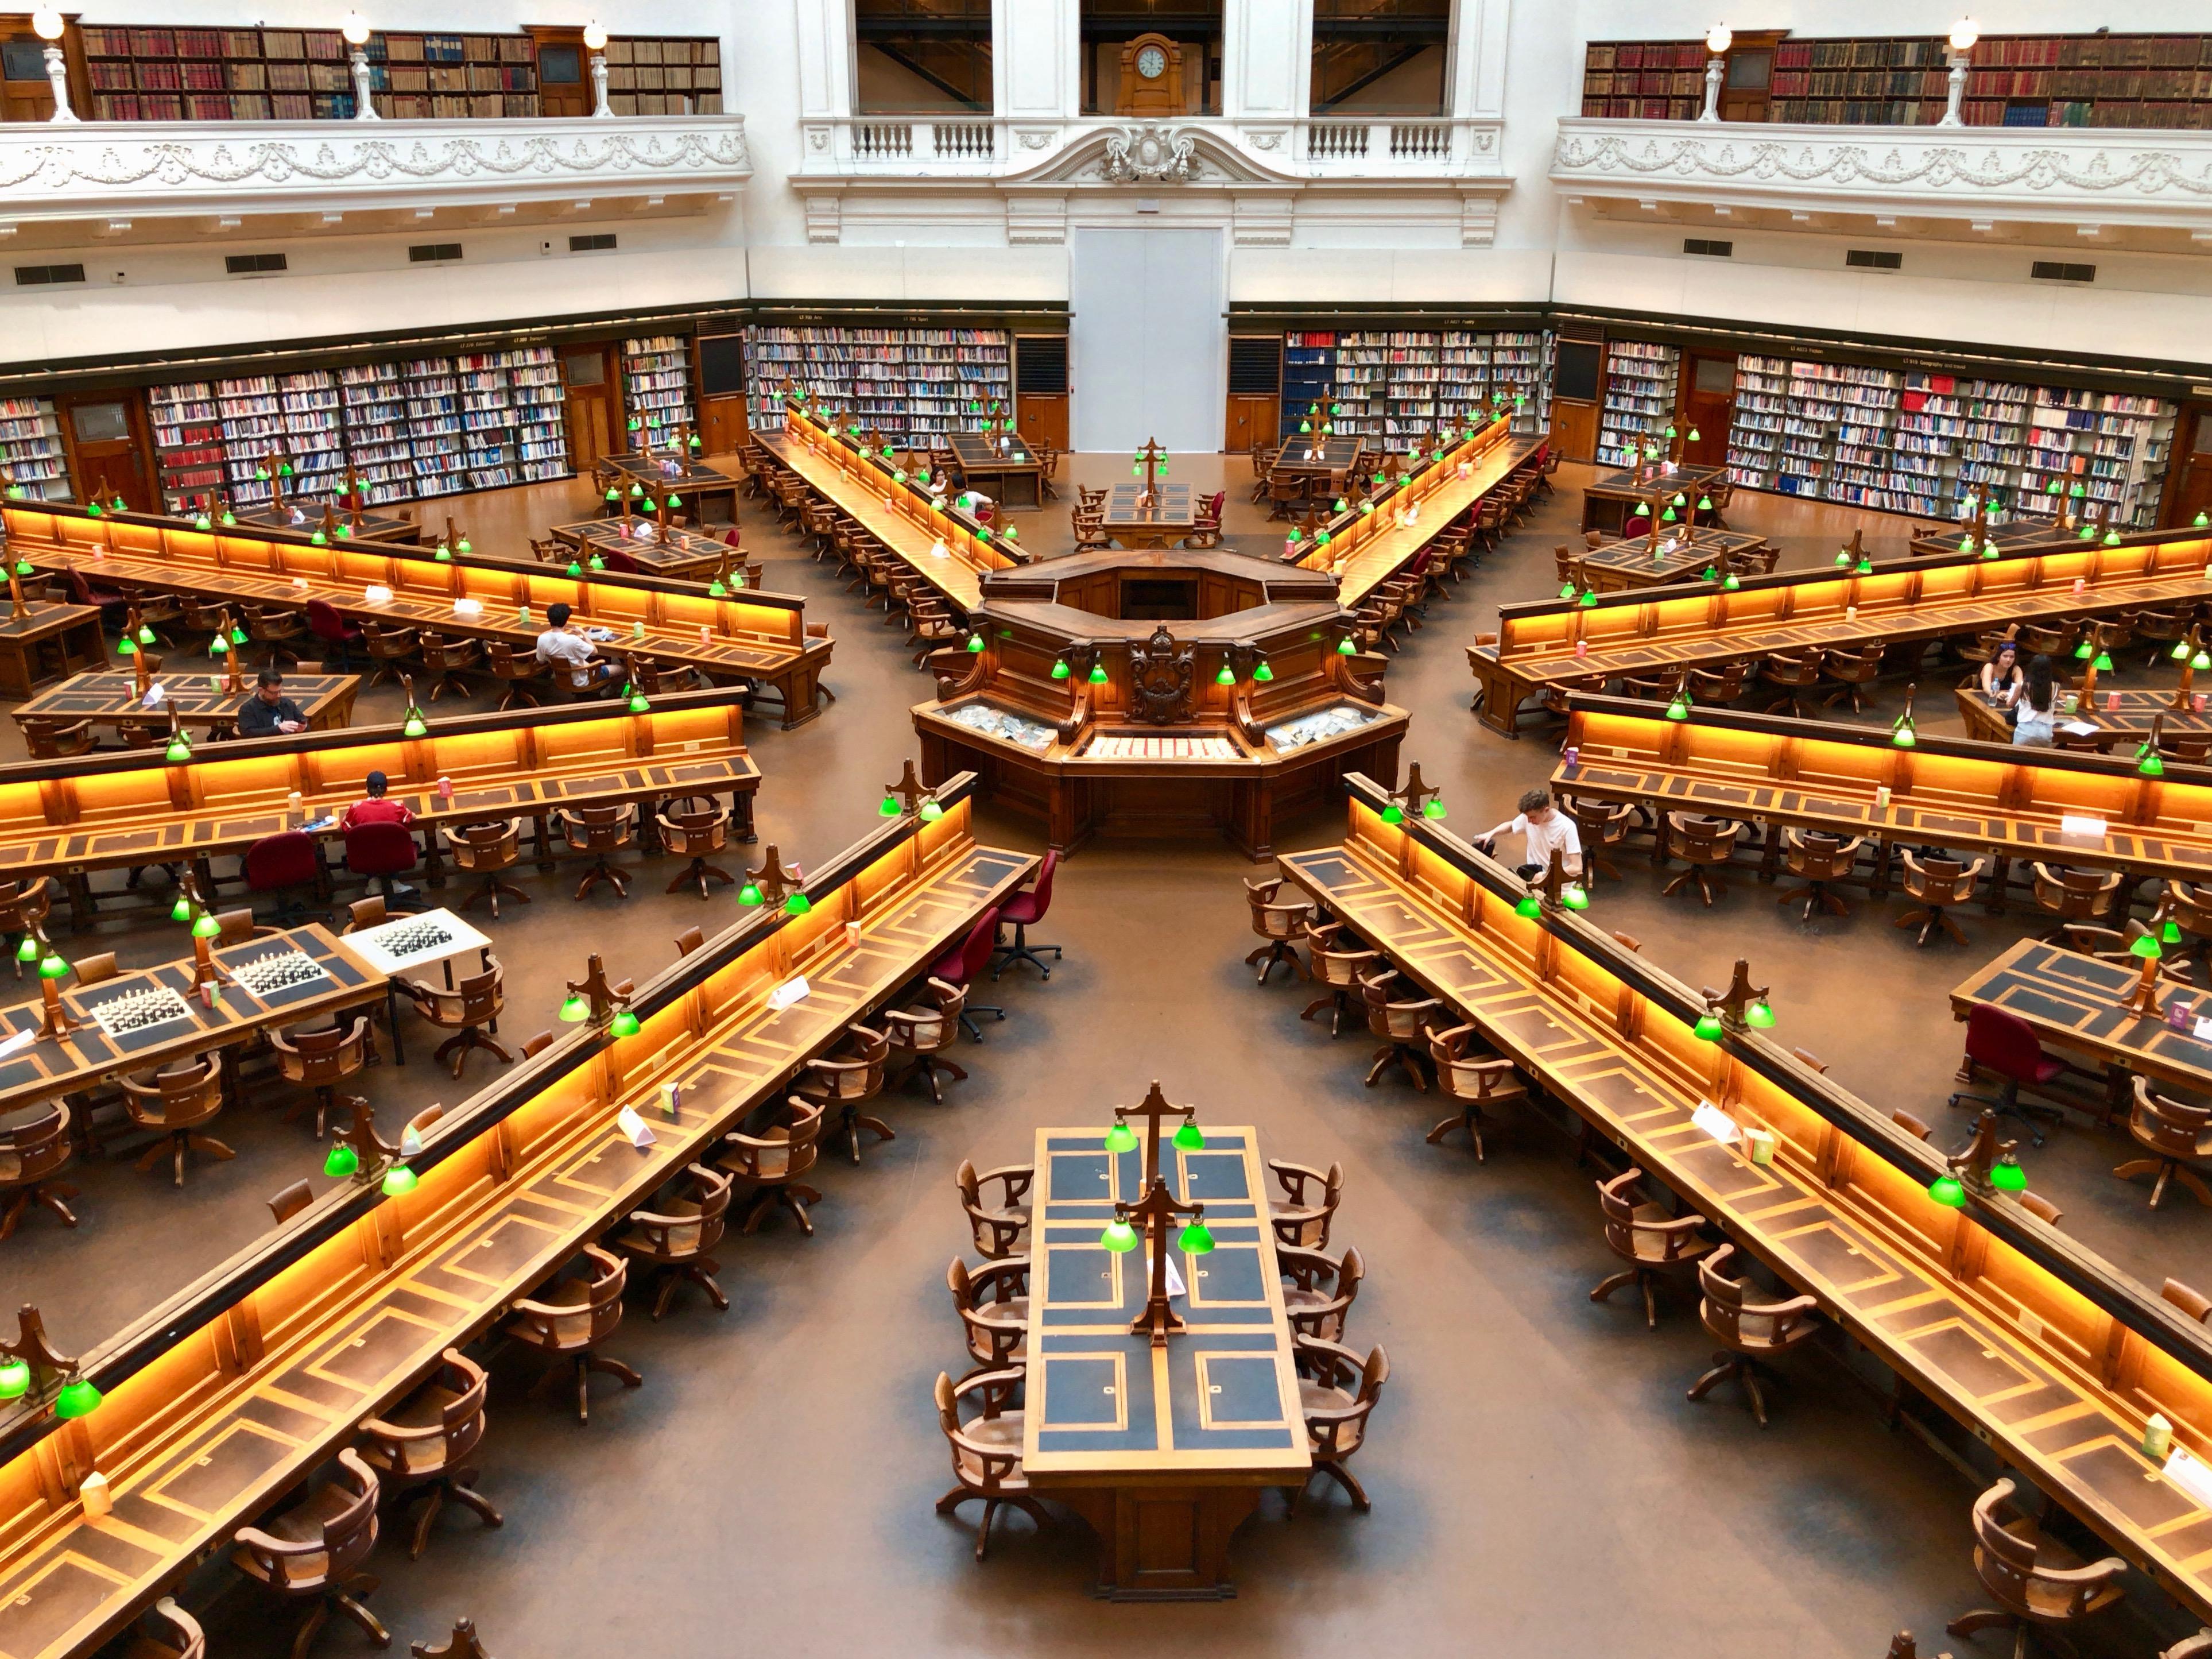 メルボルン,中心,オーストラリア,一人旅,女性,ビクトリア州立図書館